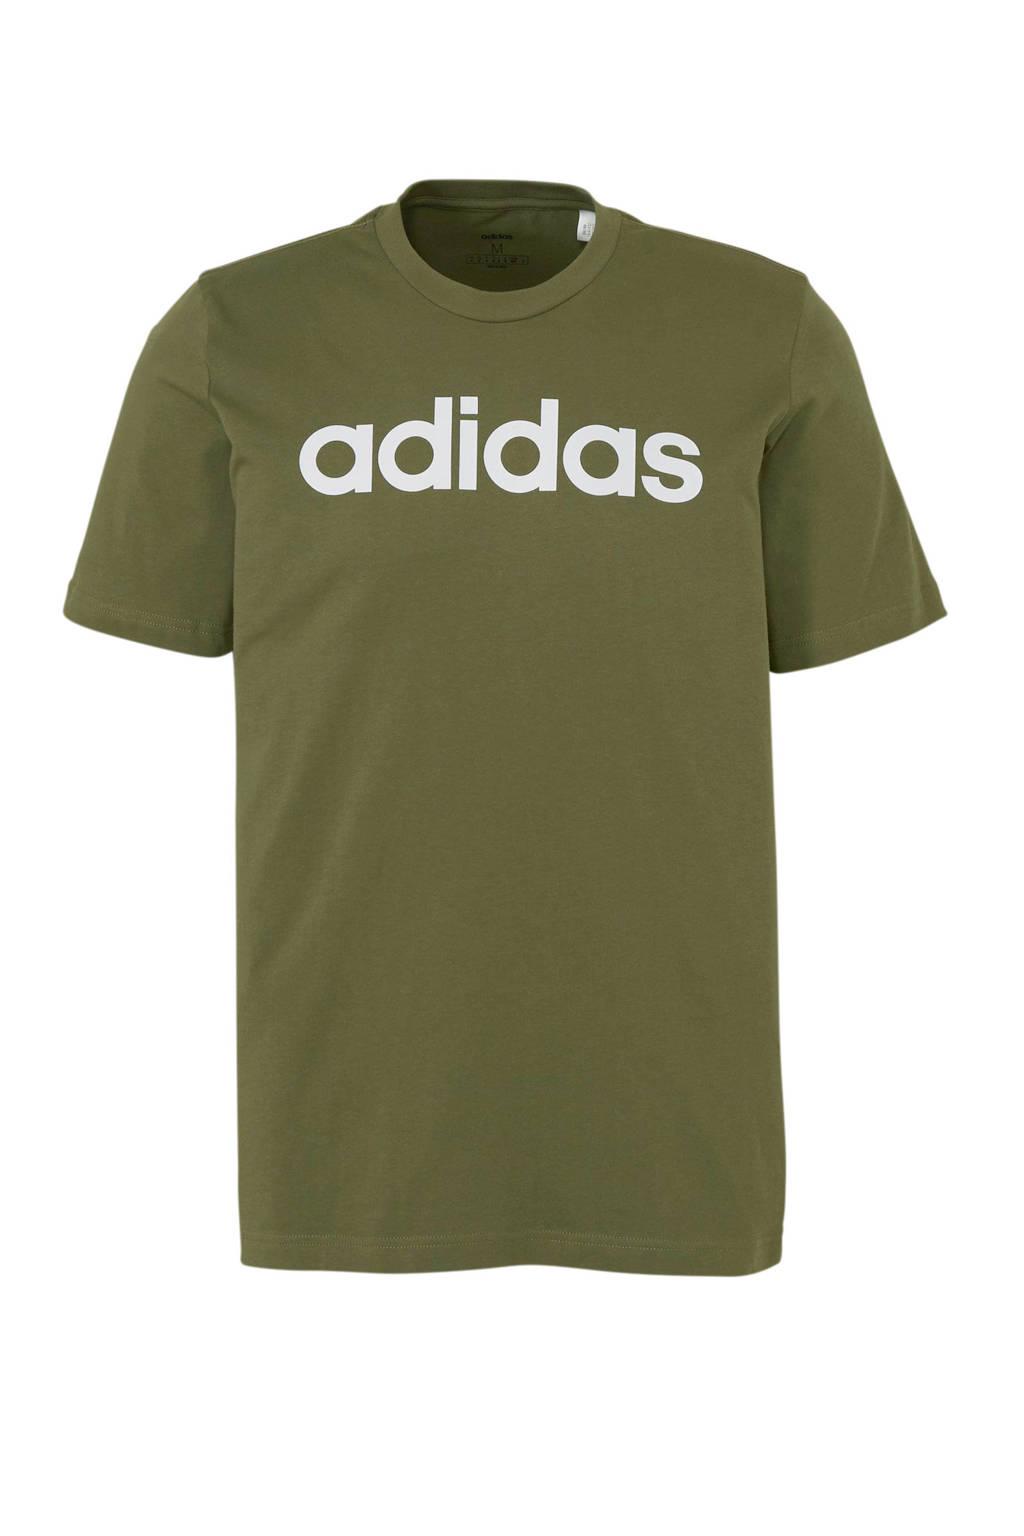 adidas performance   sport T-shirt kaki, Kaki